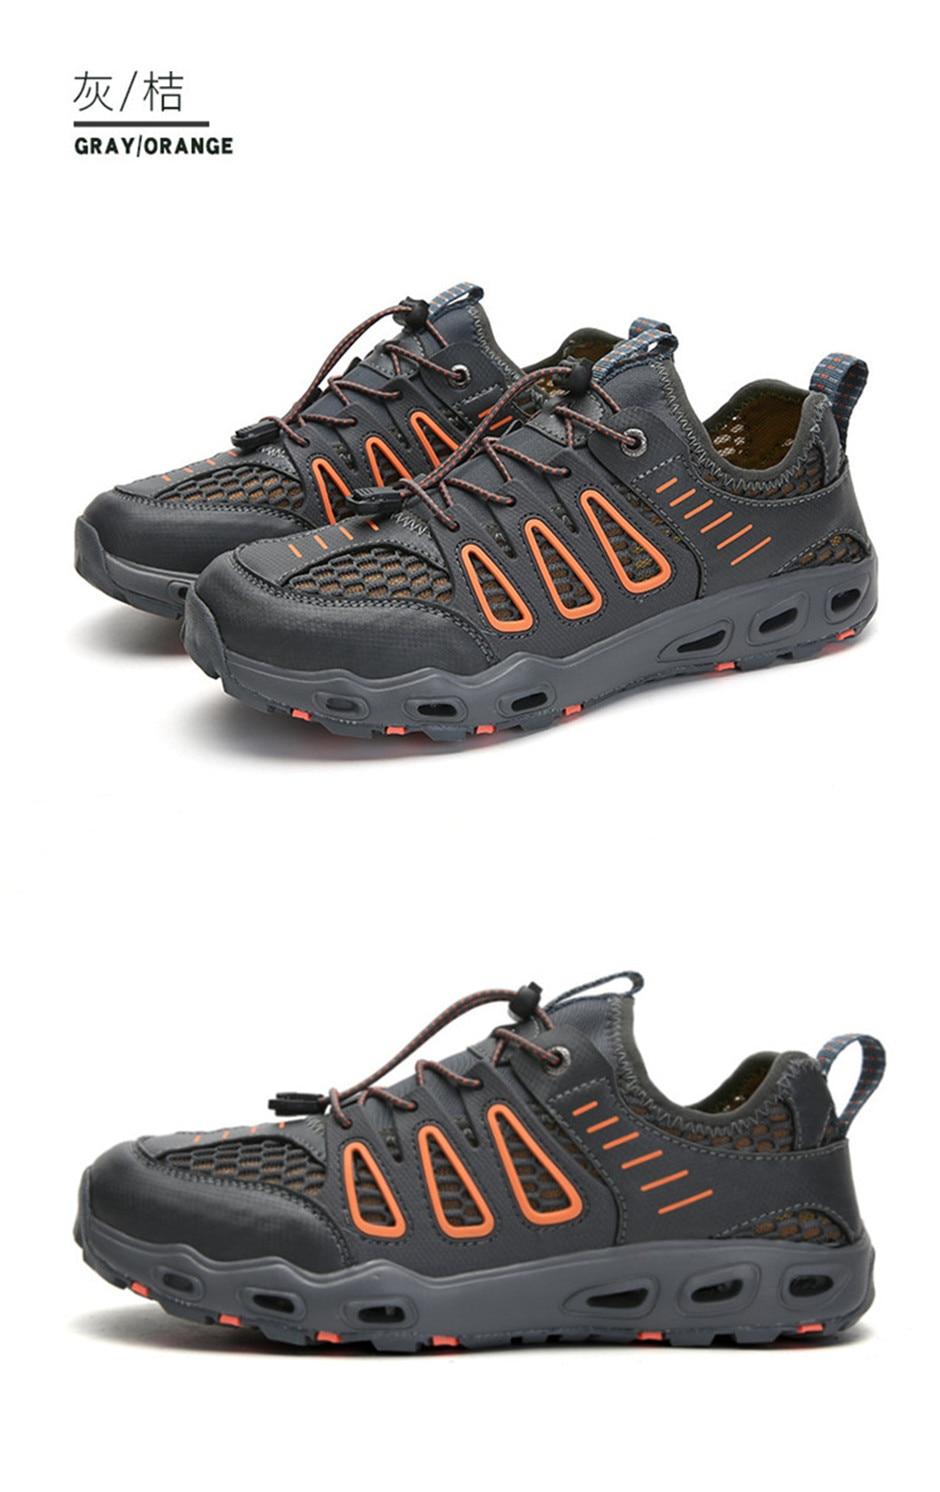 Descalço do aqua sapatos malha respirável natação